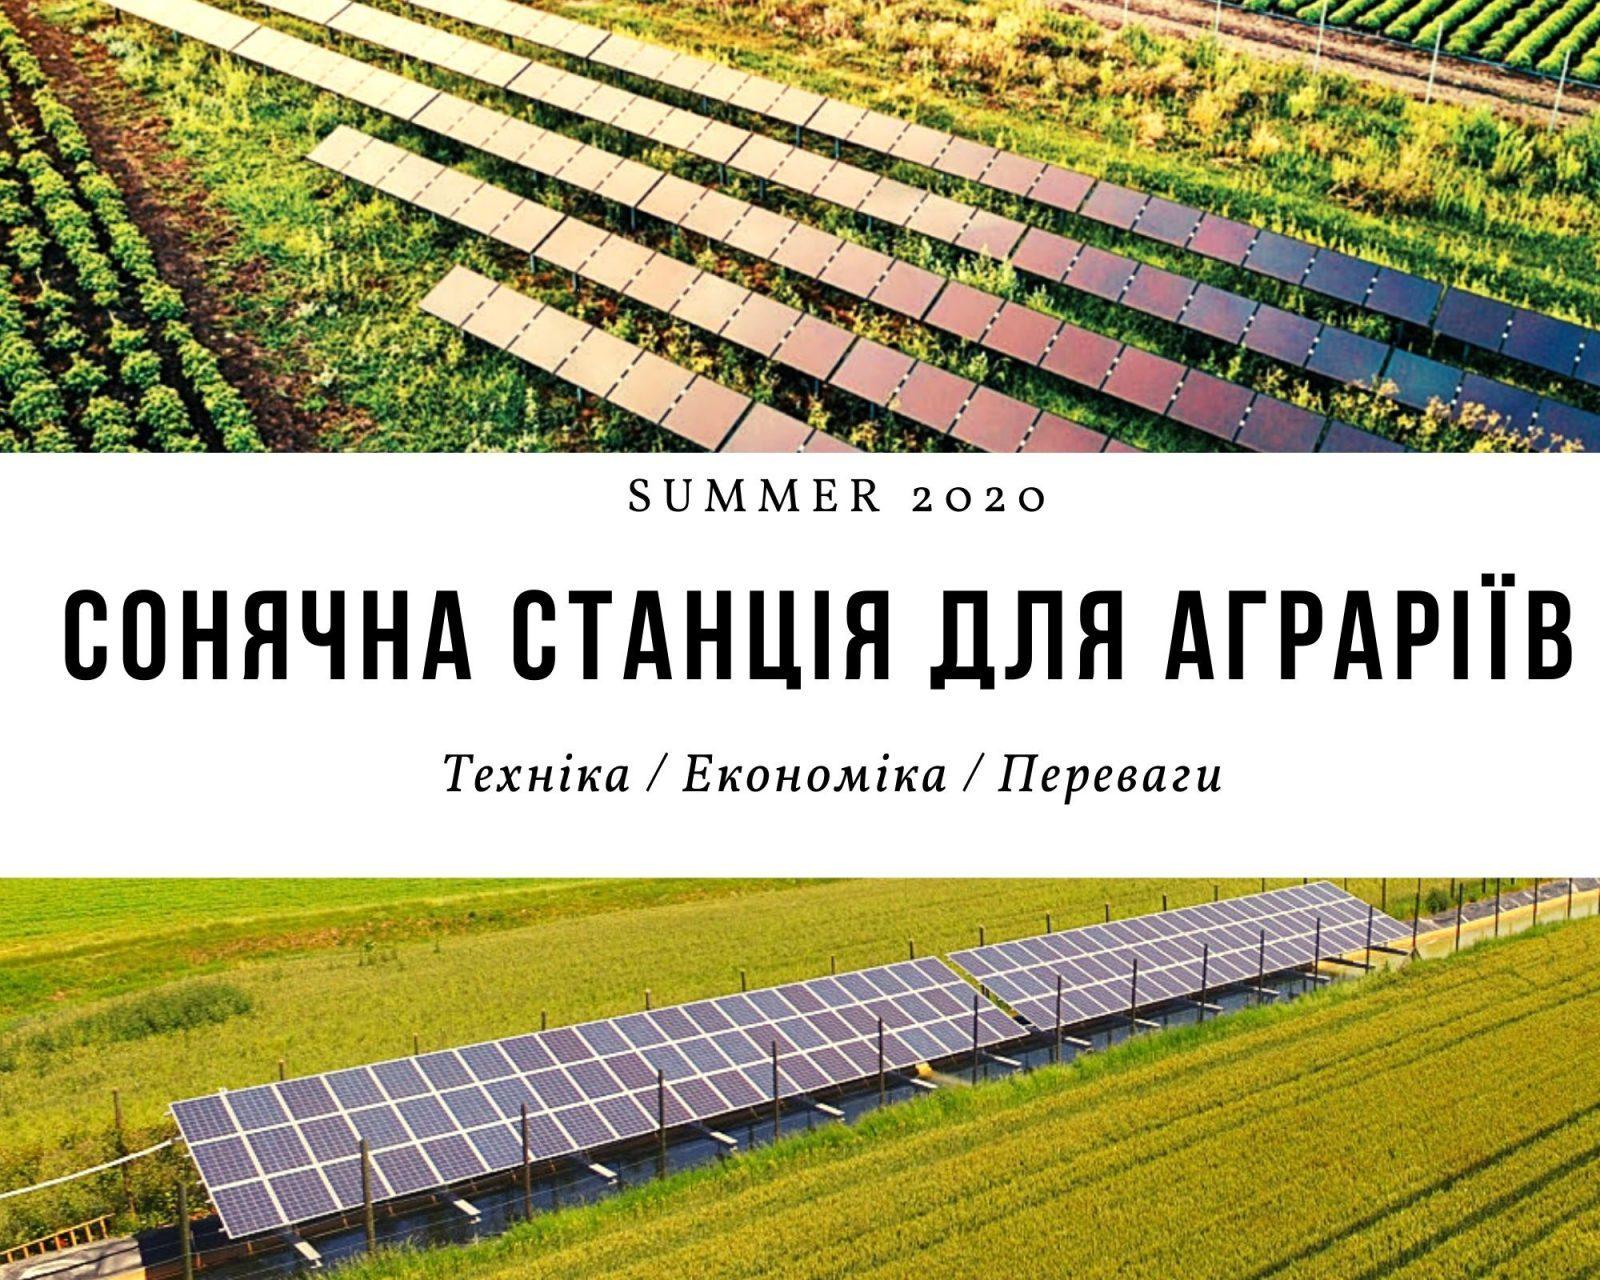 Зміни клімату: до чого готуватись фермерам та як допоможе сонце